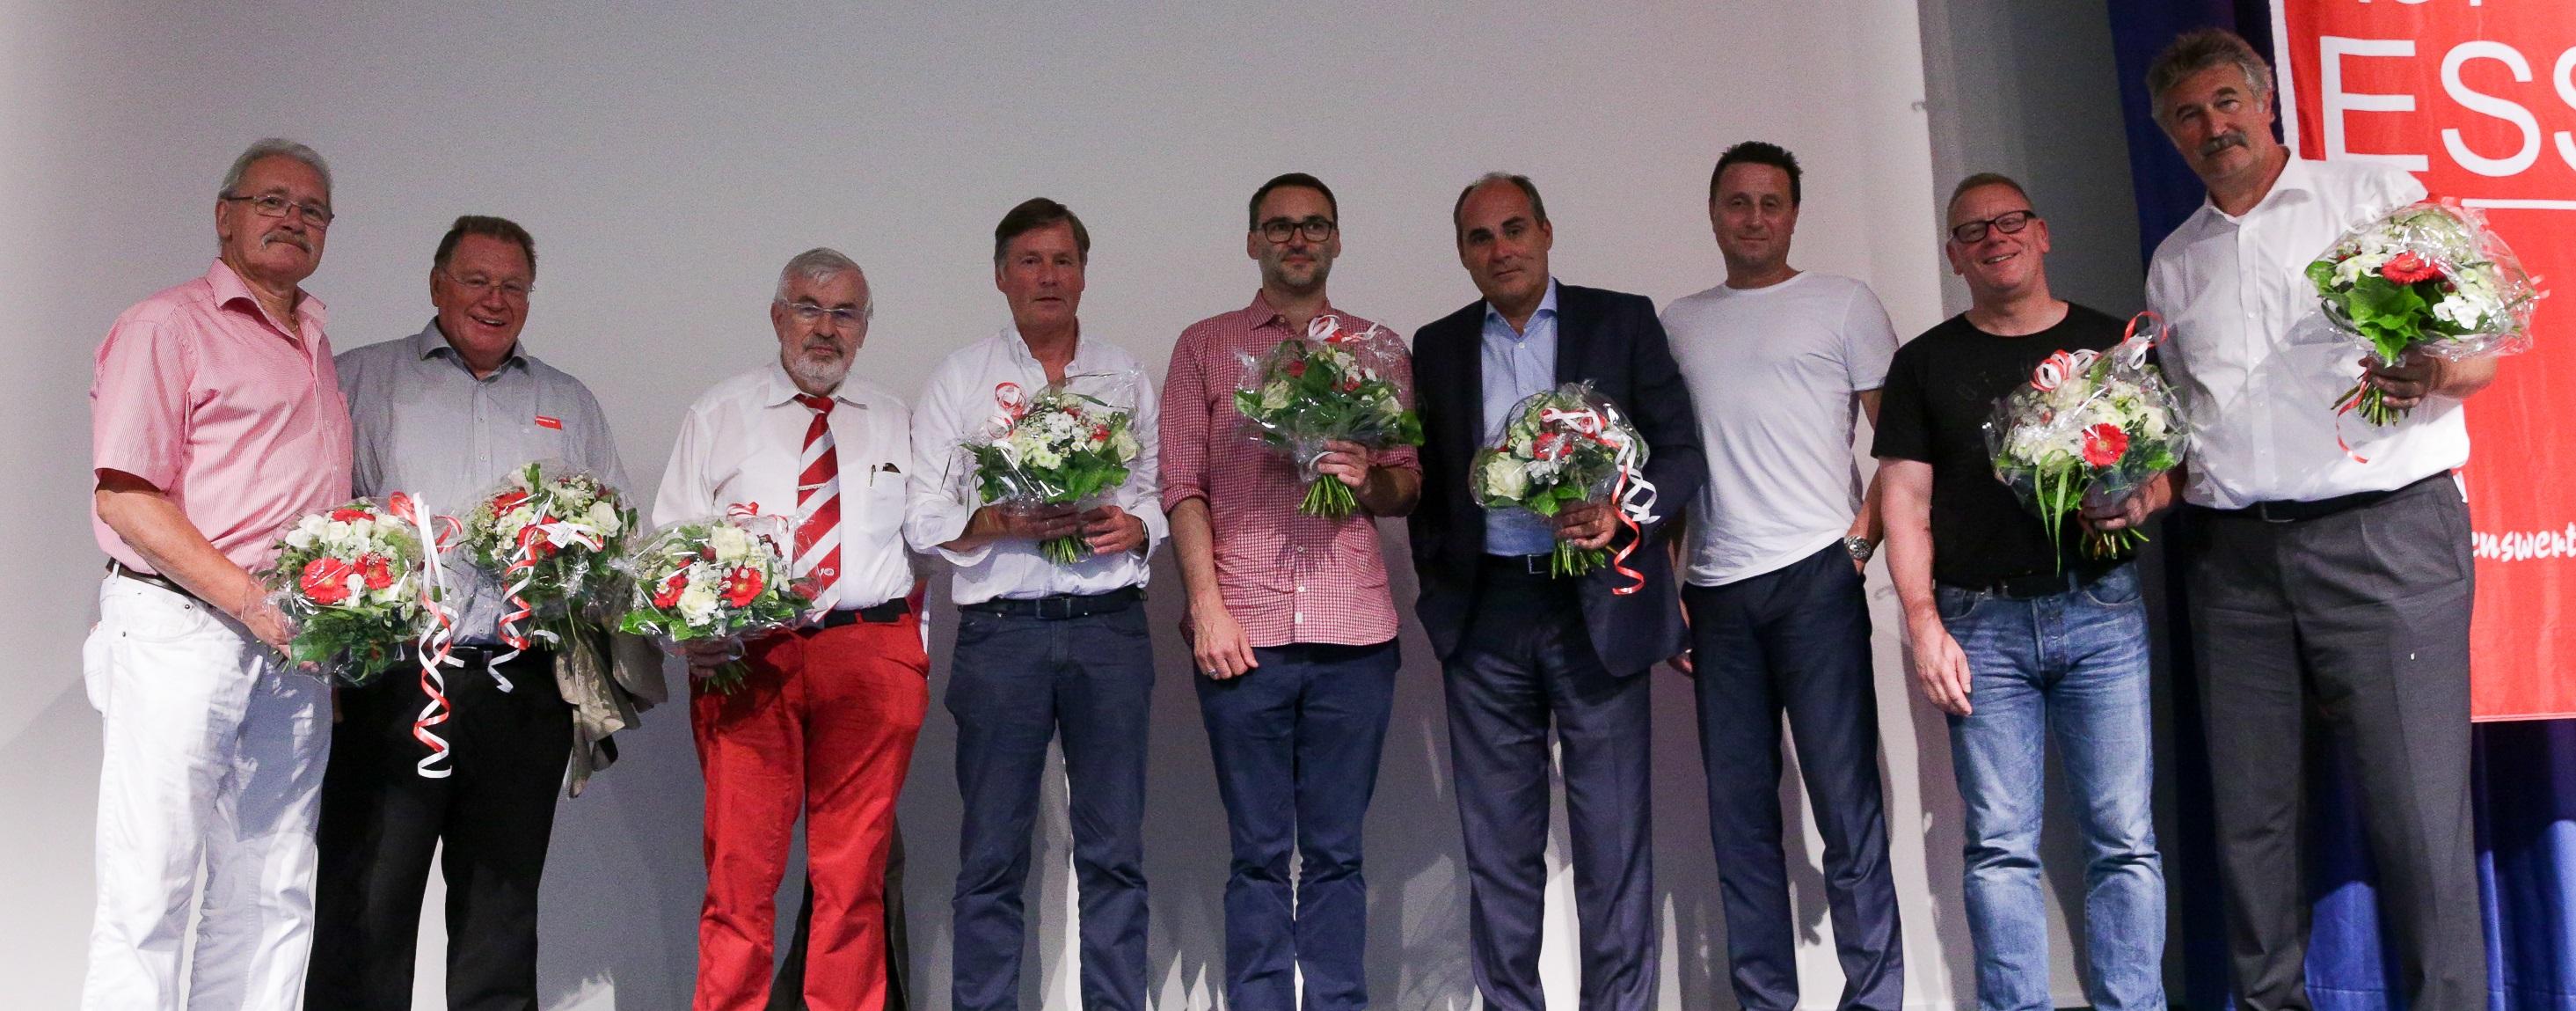 Der neue Aufsichtsrat von Rot-Weiss Essen. (Foto: Endberg)